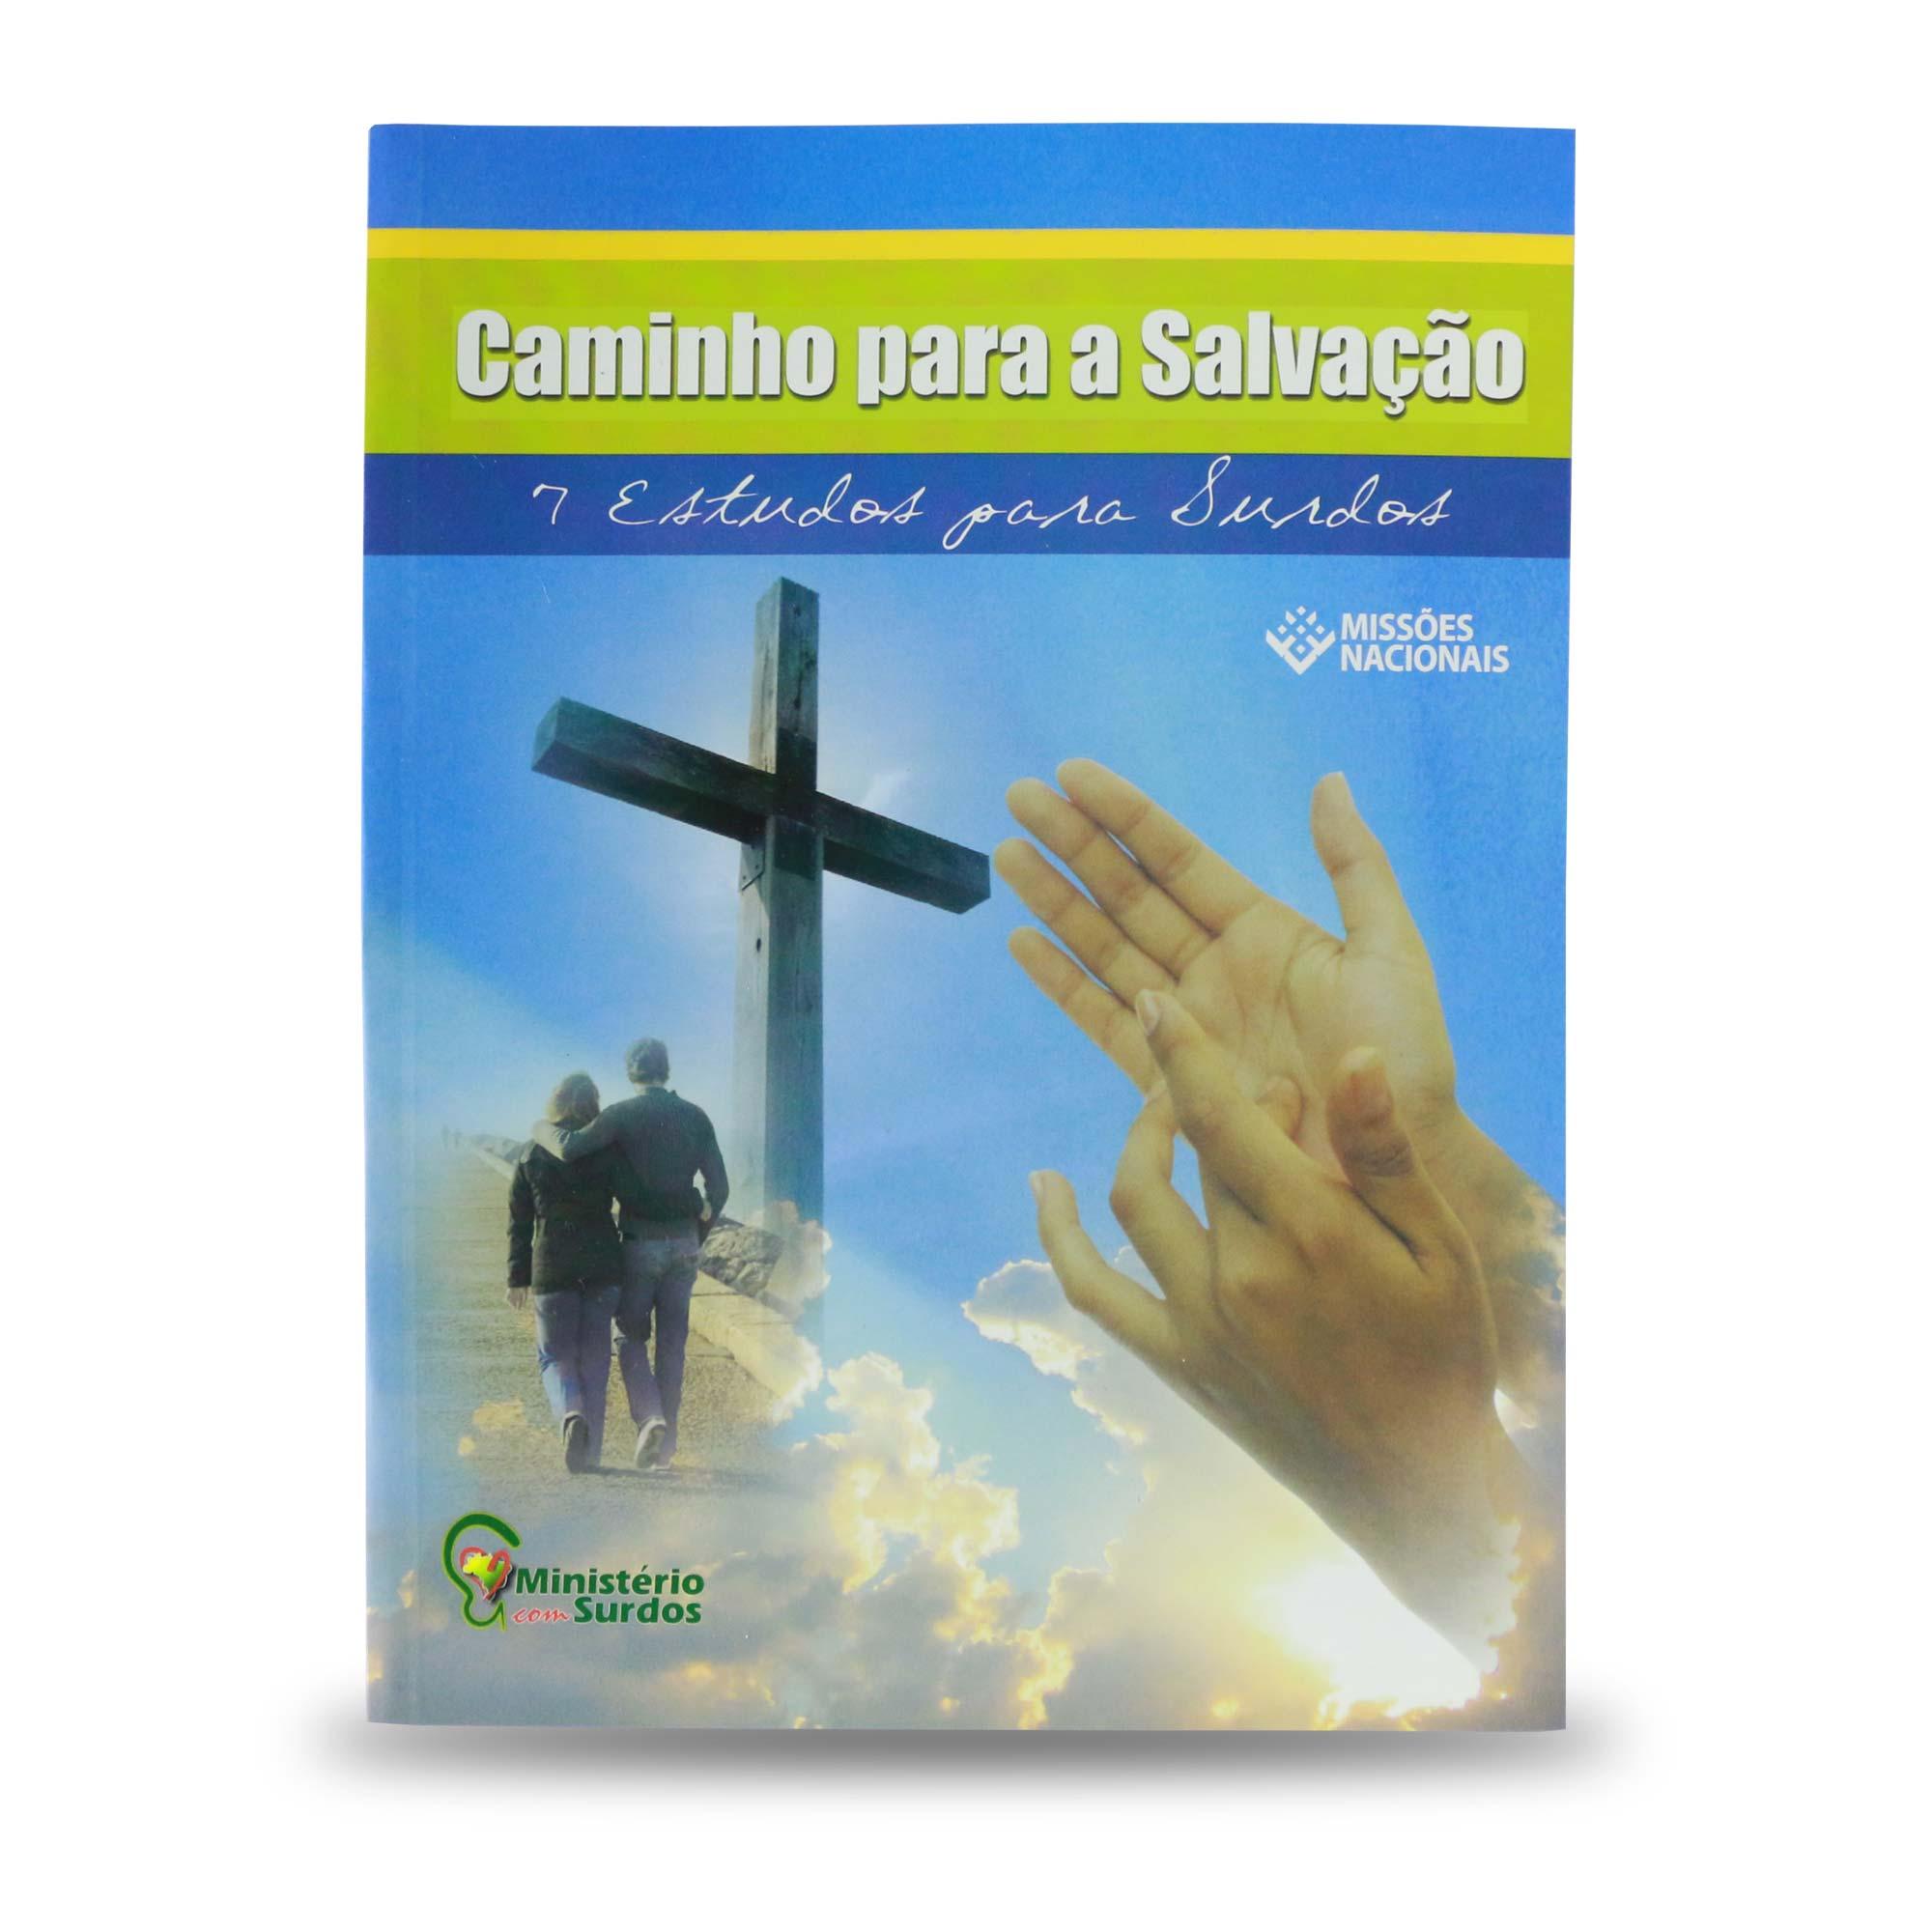 Caminho para a salvação